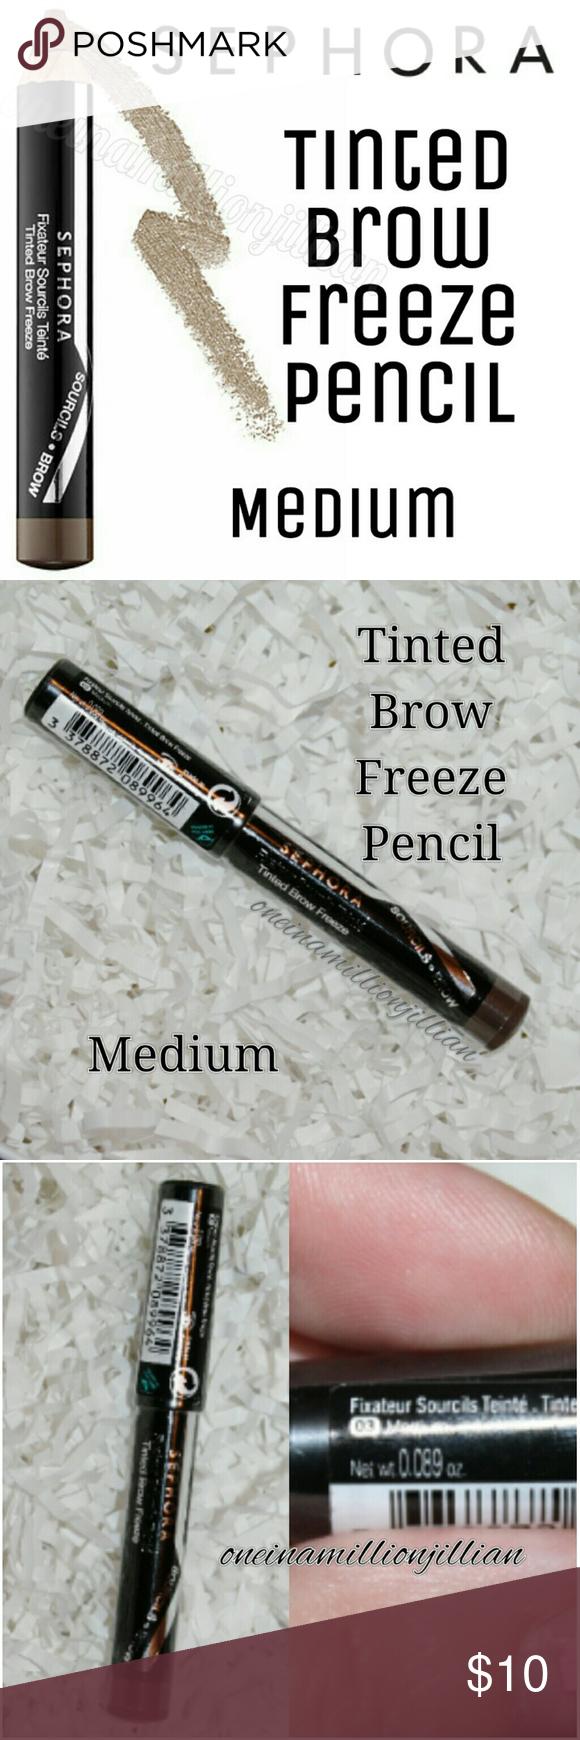 Sephora Eyebrow Tint : sephora, eyebrow, Sephora, Tinted, Freeze, Pencil, Medium, Sephora,, Brows,, Makeup